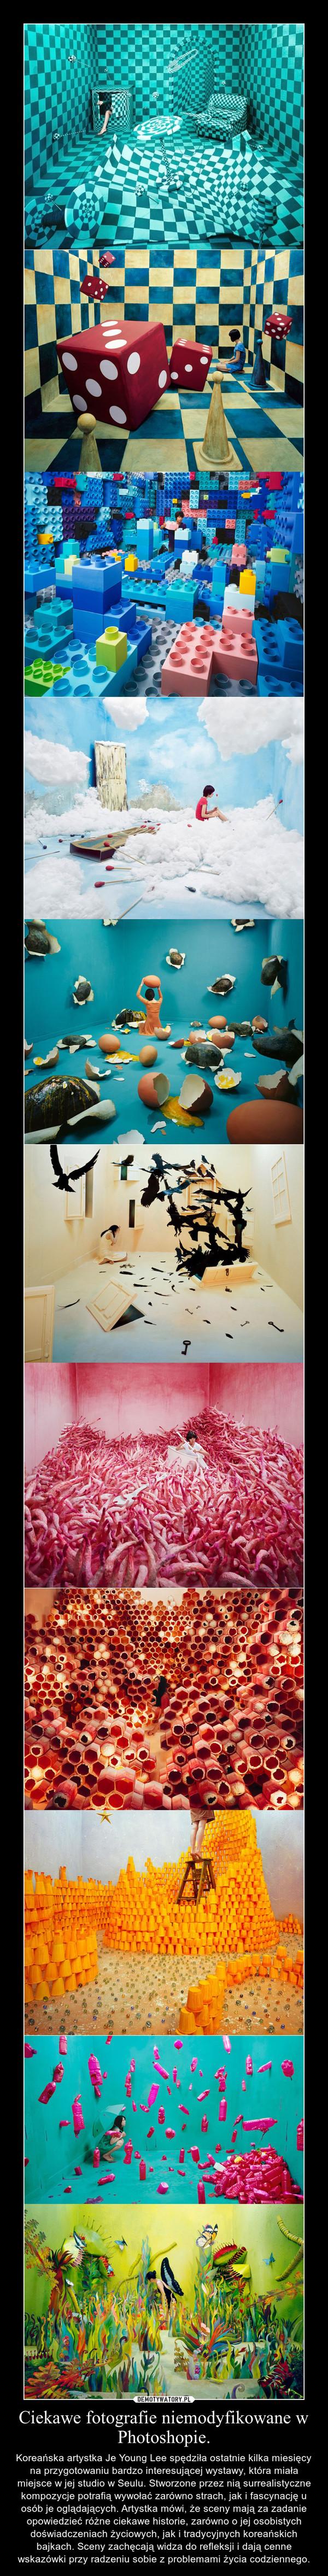 Ciekawe fotografie niemodyfikowane w Photoshopie. – Koreańska artystka Je Young Lee spędziła ostatnie kilka miesięcy na przygotowaniu bardzo interesującej wystawy, która miała miejsce w jej studio w Seulu. Stworzone przez nią surrealistyczne kompozycje potrafią wywołać zarówno strach, jak i fascynację u osób je oglądających. Artystka mówi, że sceny mają za zadanie opowiedzieć różne ciekawe historie, zarówno o jej osobistych doświadczeniach życiowych, jak i tradycyjnych koreańskich bajkach. Sceny zachęcają widza do refleksji i dają cenne wskazówki przy radzeniu sobie z problemami życia codziennego.